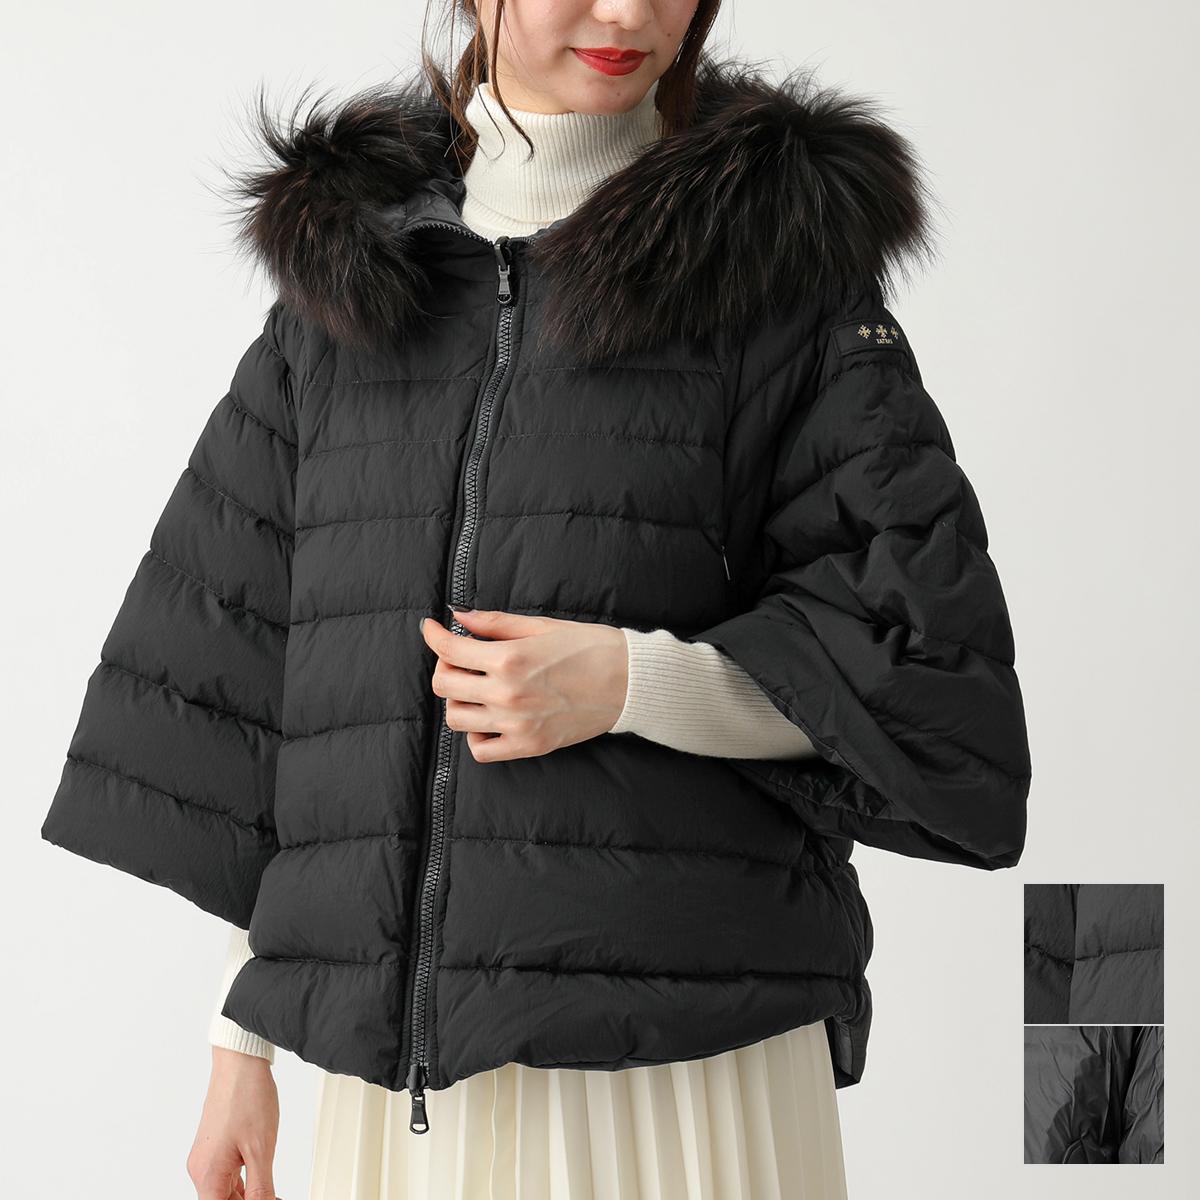 TATRAS タトラス LTA19A4692 MALE ラクーンファー装飾 リバーシブルダウンジャケット BLACK